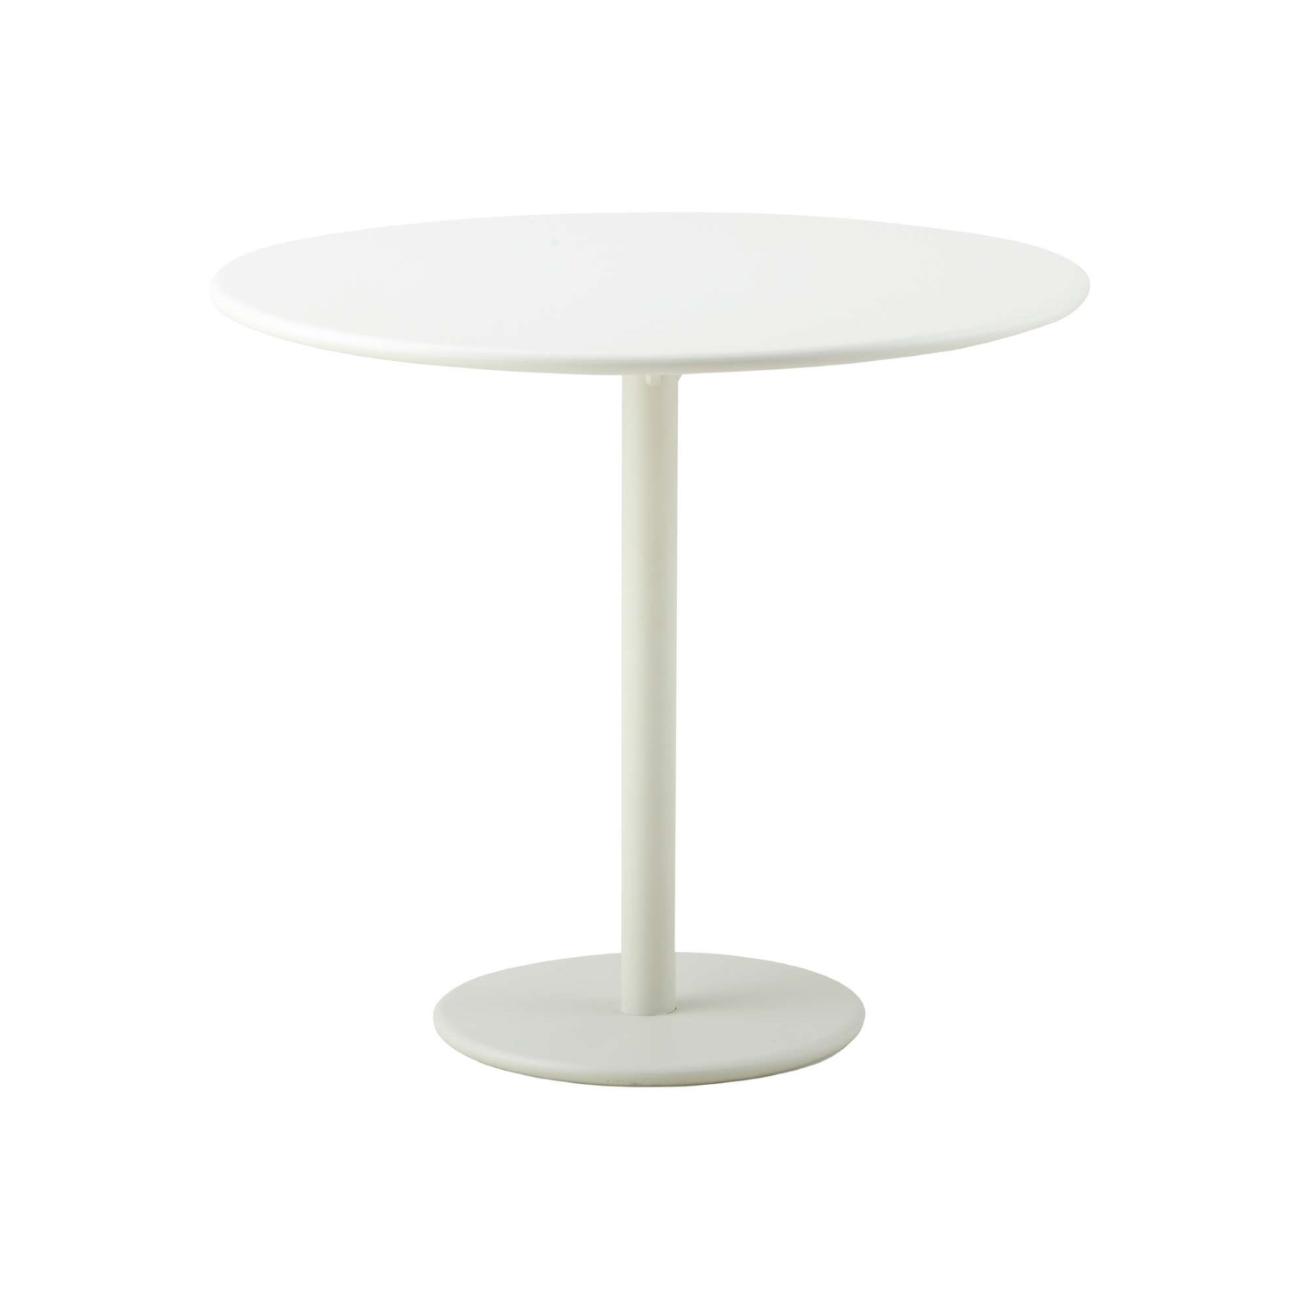 Cafébord GO Ø 80 cm vitlack, Cane-line